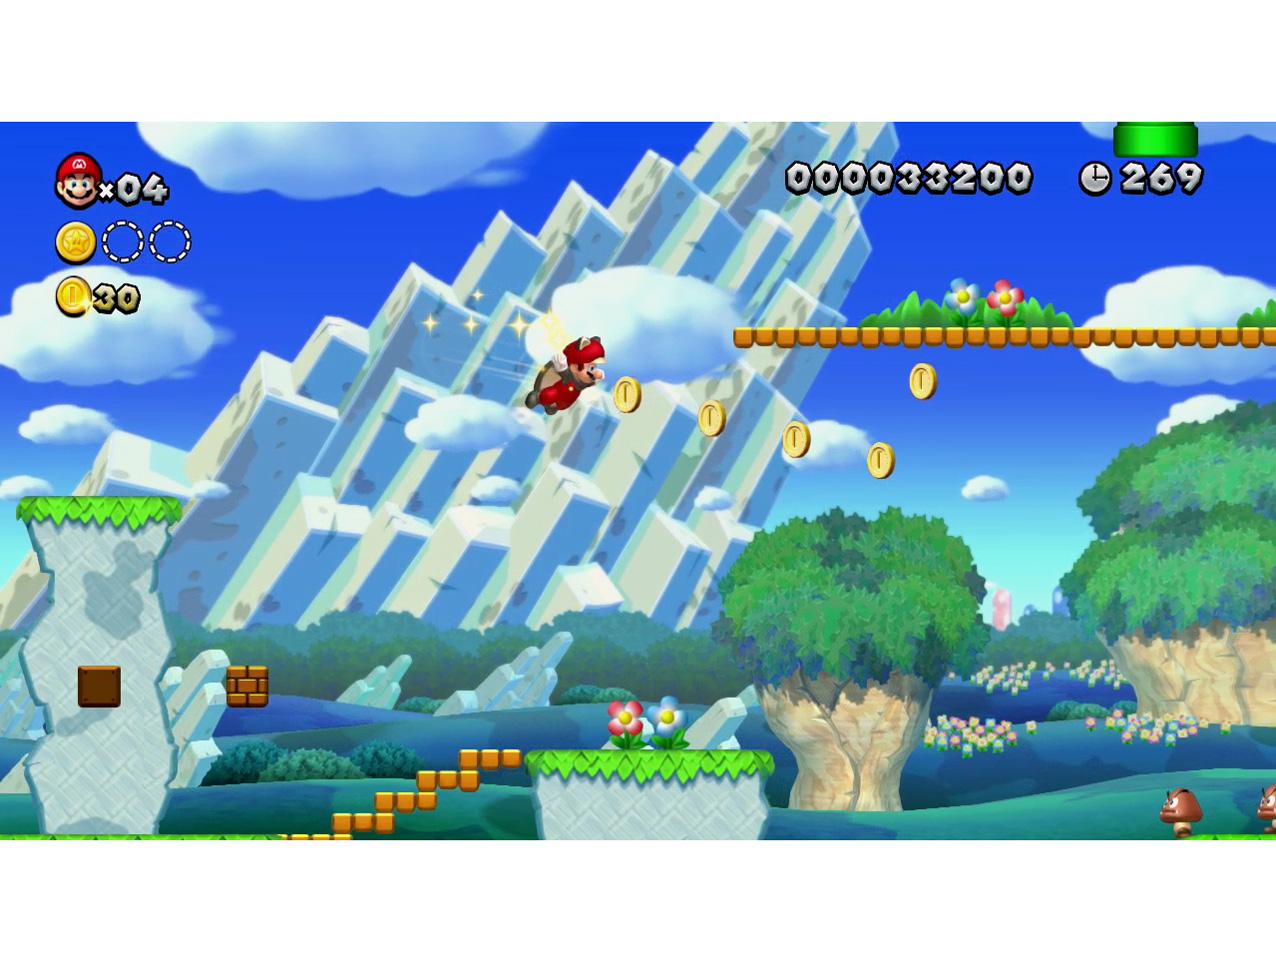 『画面イメージ3』 New スーパーマリオブラザーズ U の製品画像